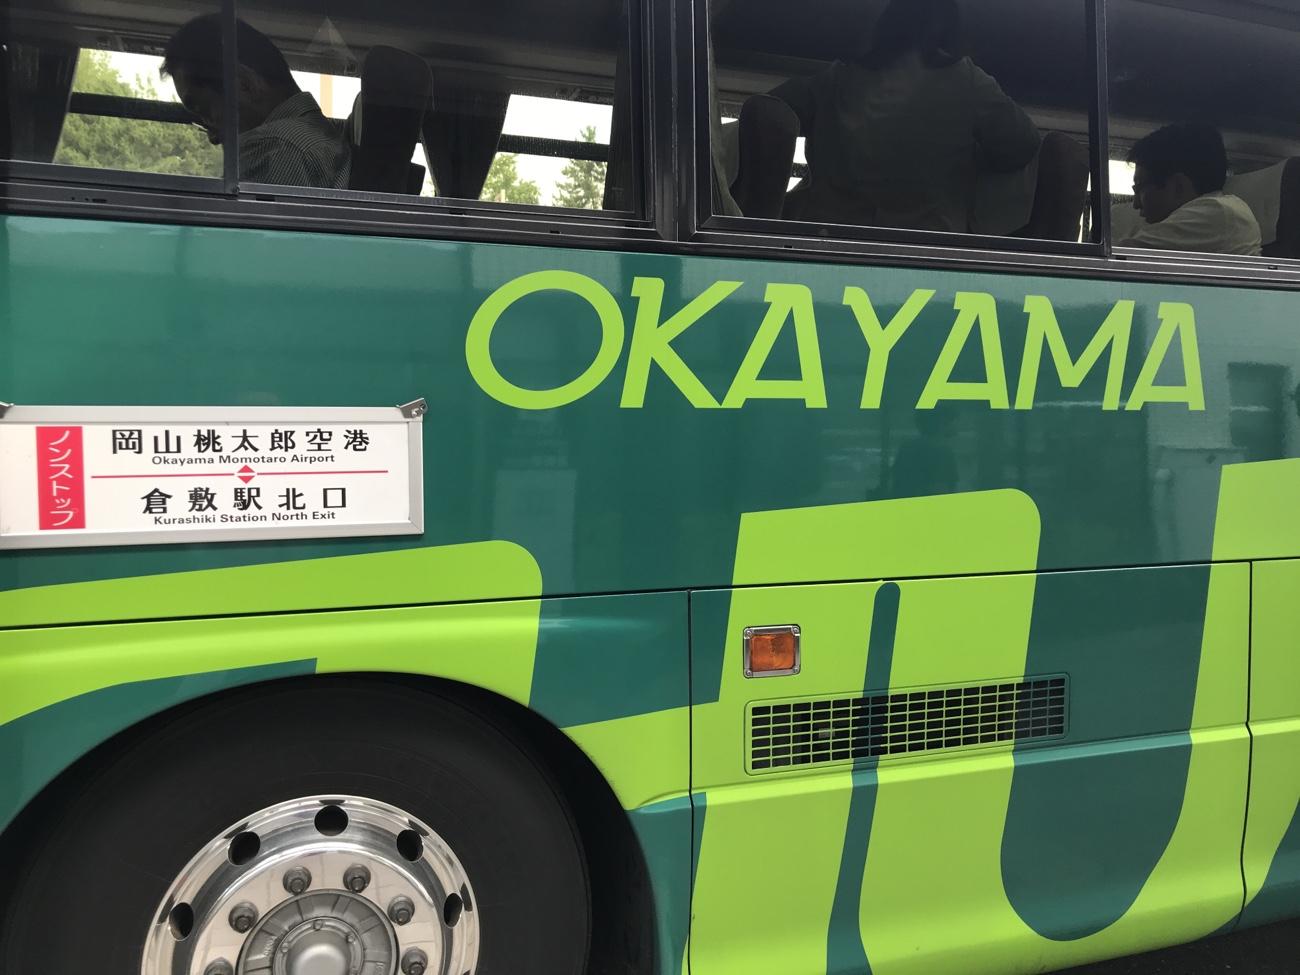 リムジンバス 岡山空港から倉敷駅への行き方